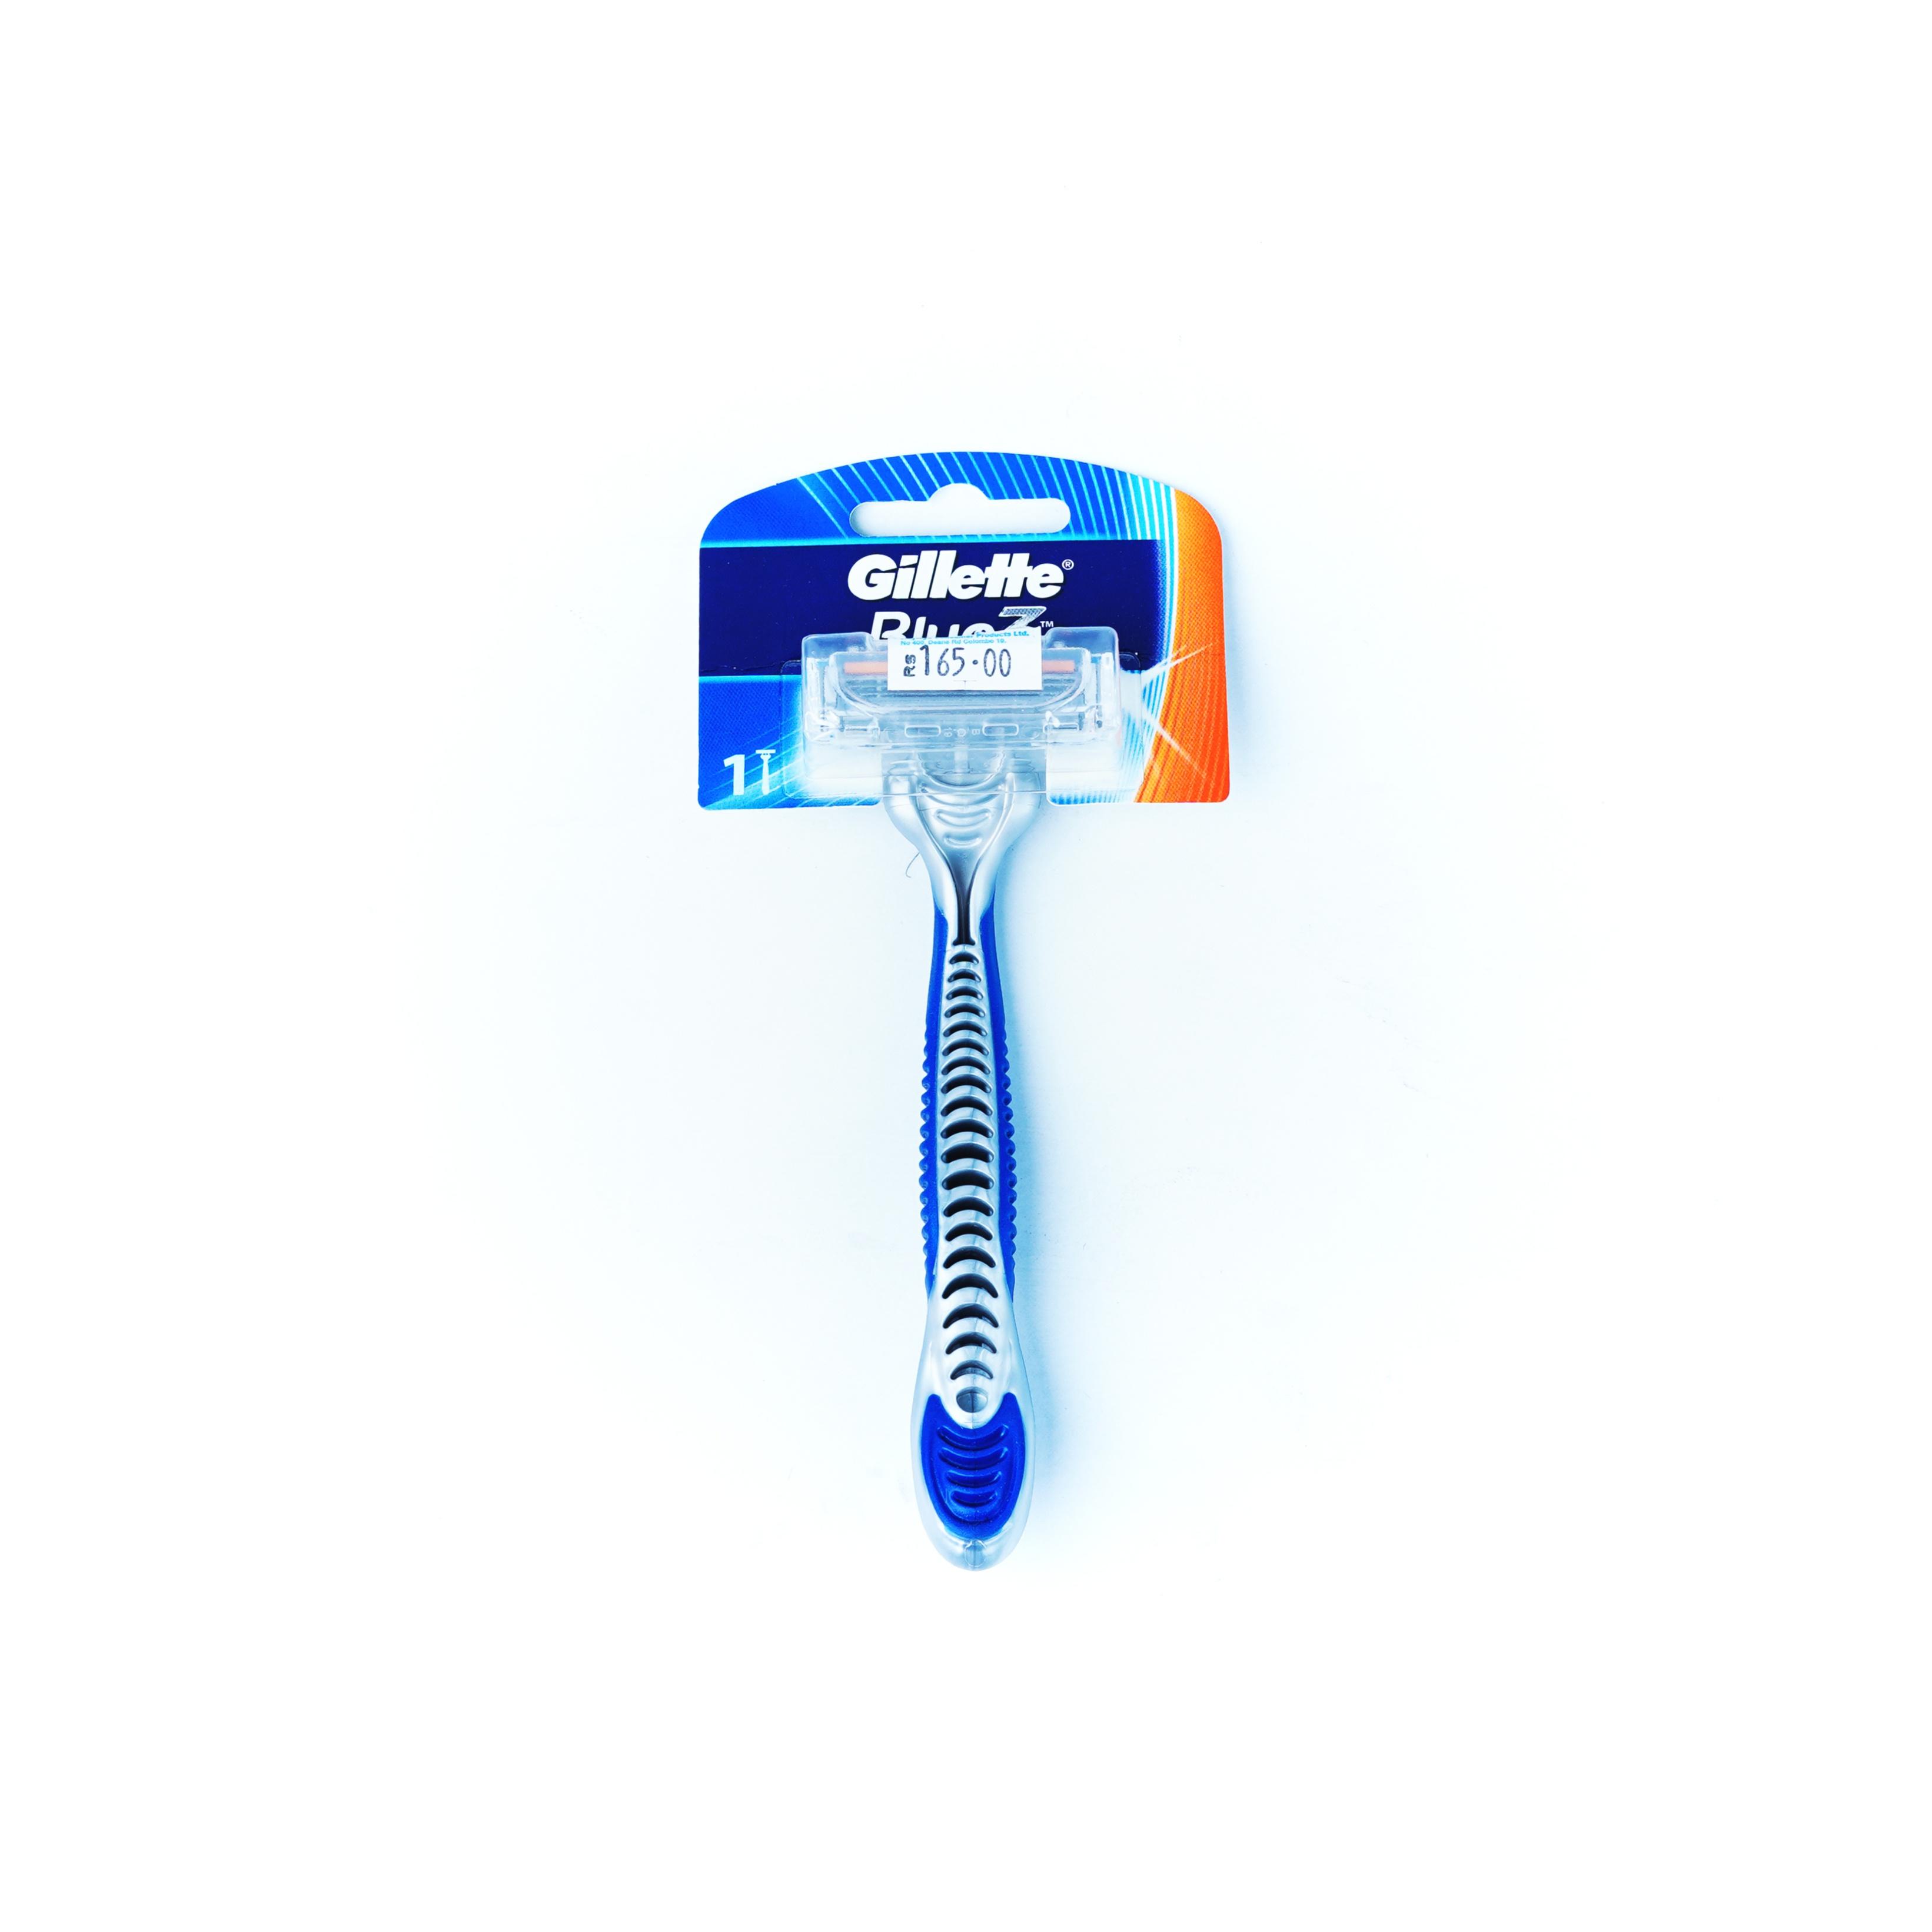 Gillette Blue 3 Single Razor - in Sri Lanka